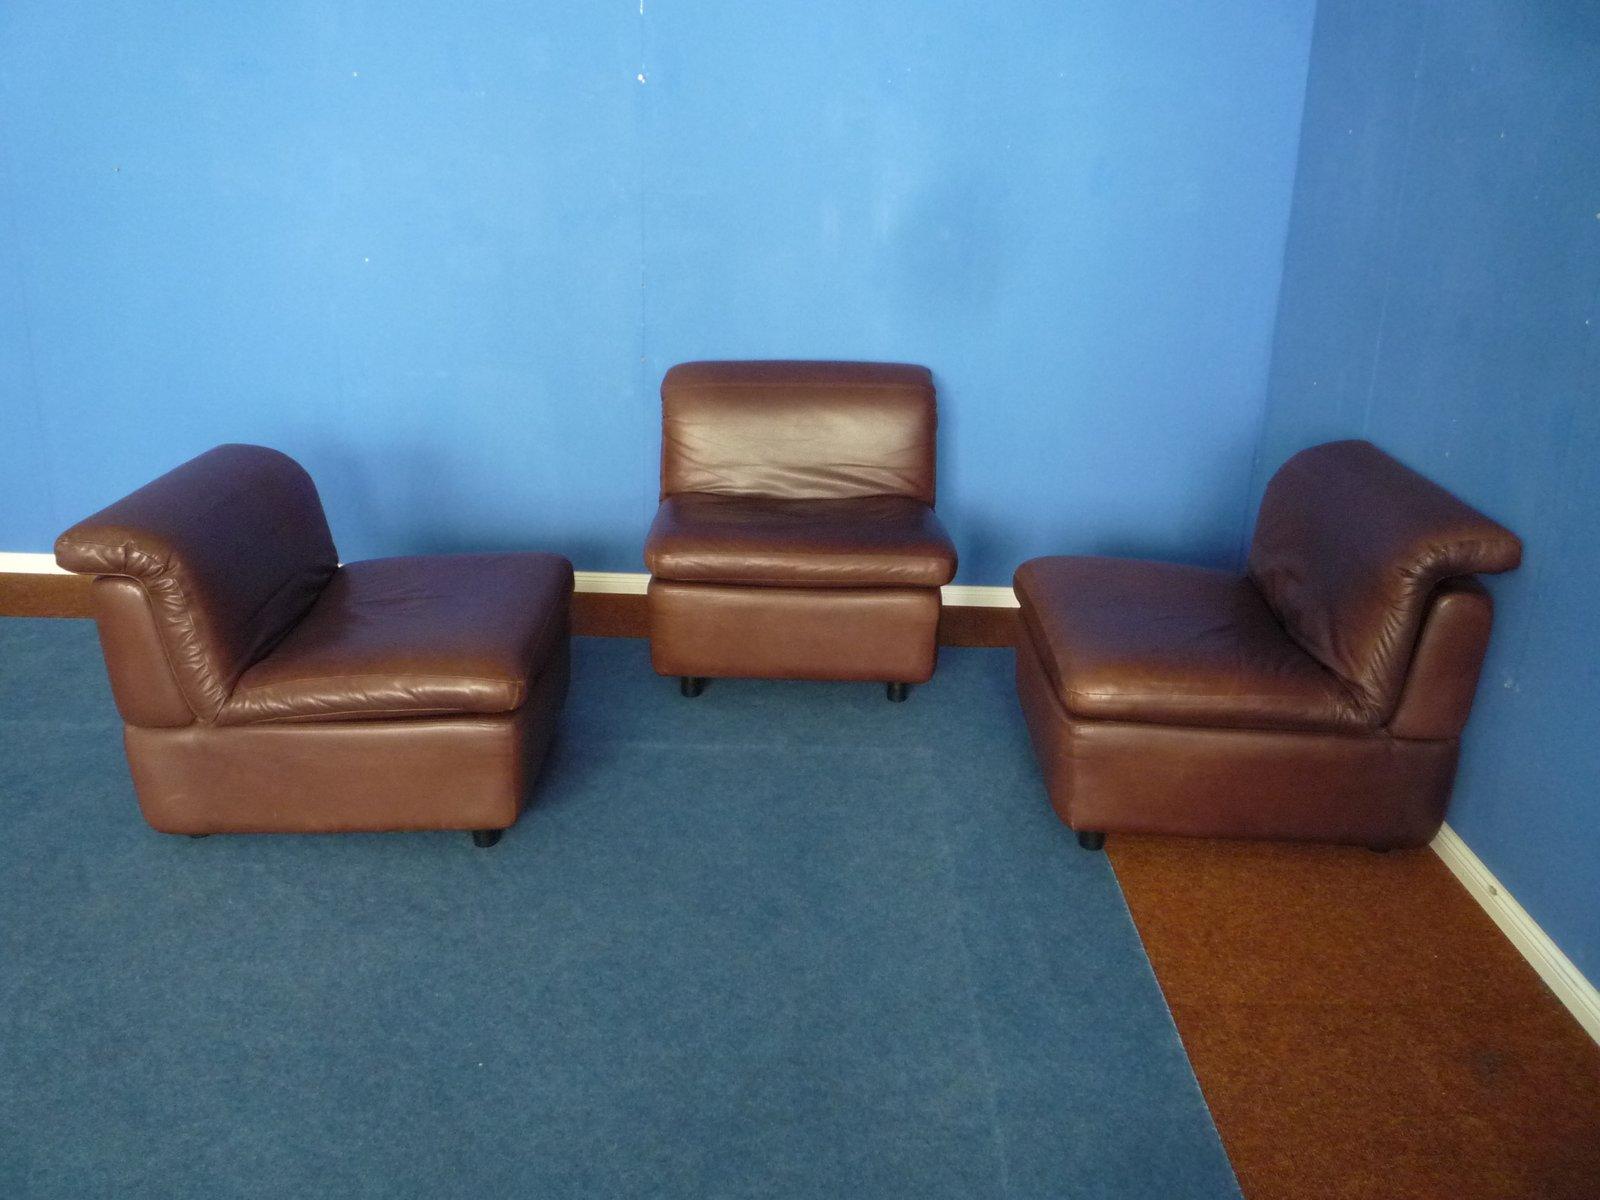 Modulares Leder 3-Sitzer Sofa von Rolf Benz, 1970er